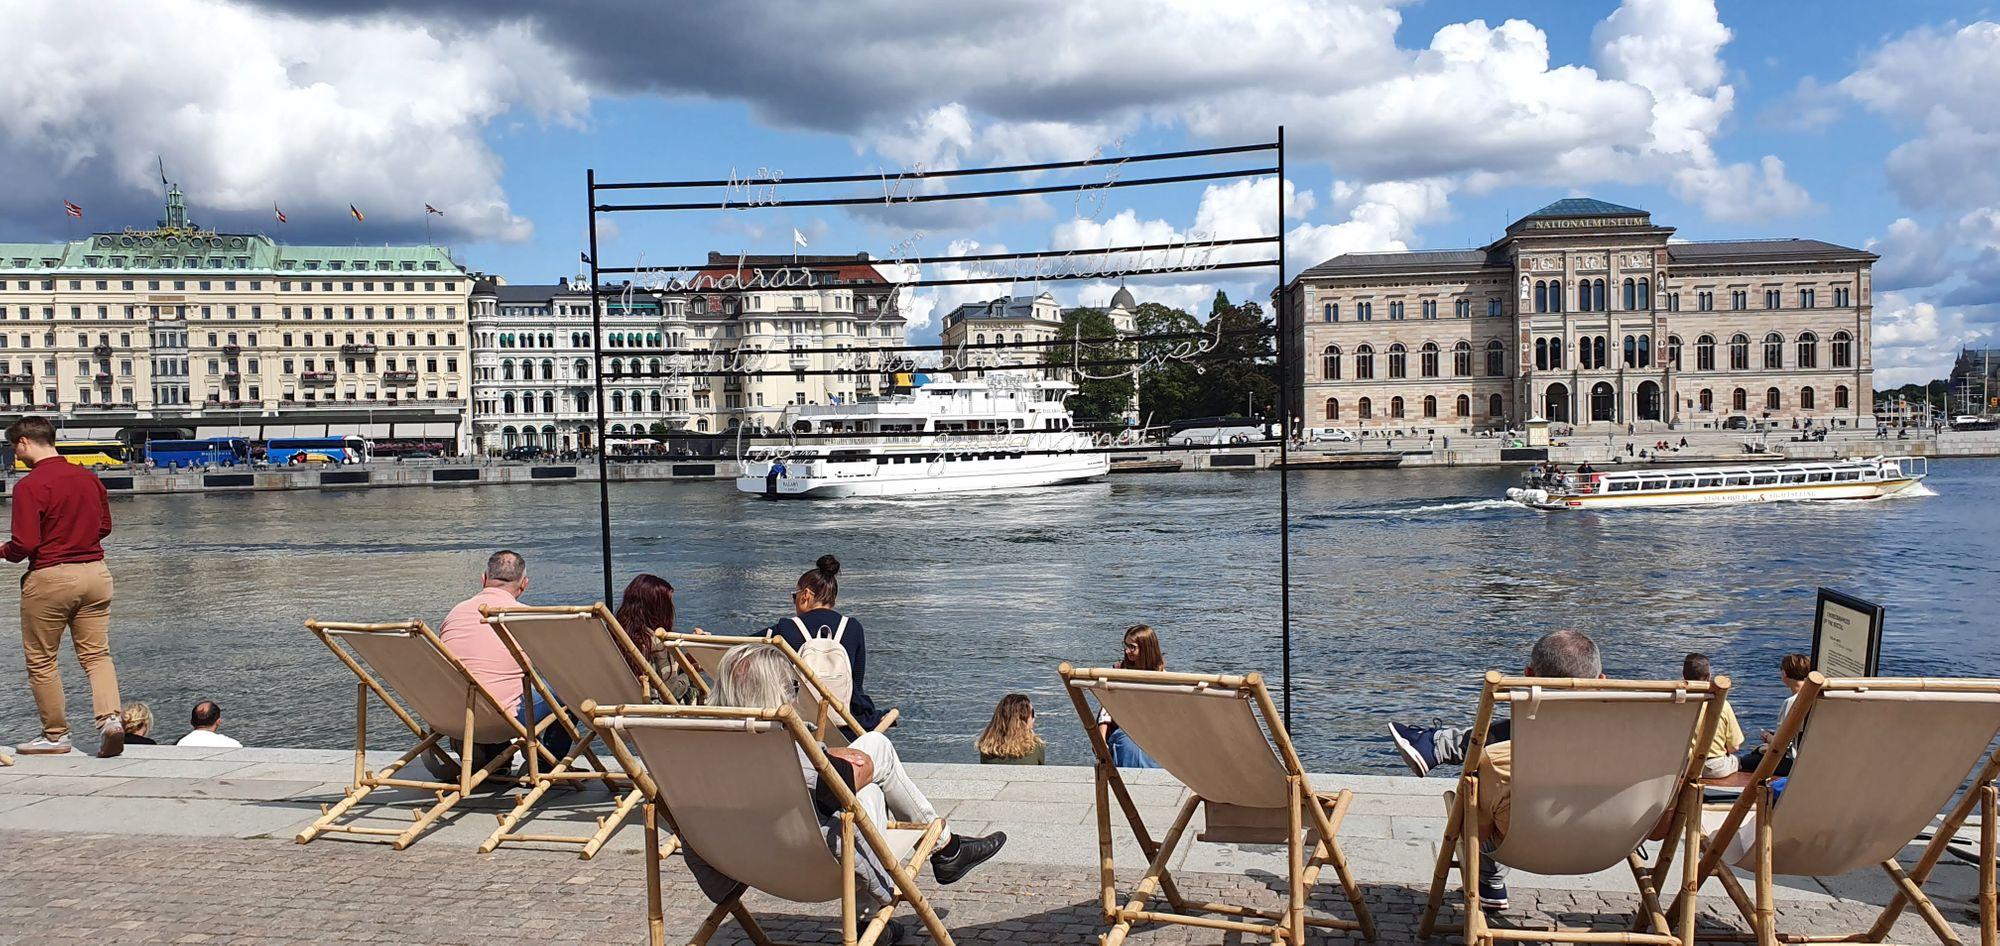 La calidad de vida de Estocolmo se nota hasta en los festivales públicos